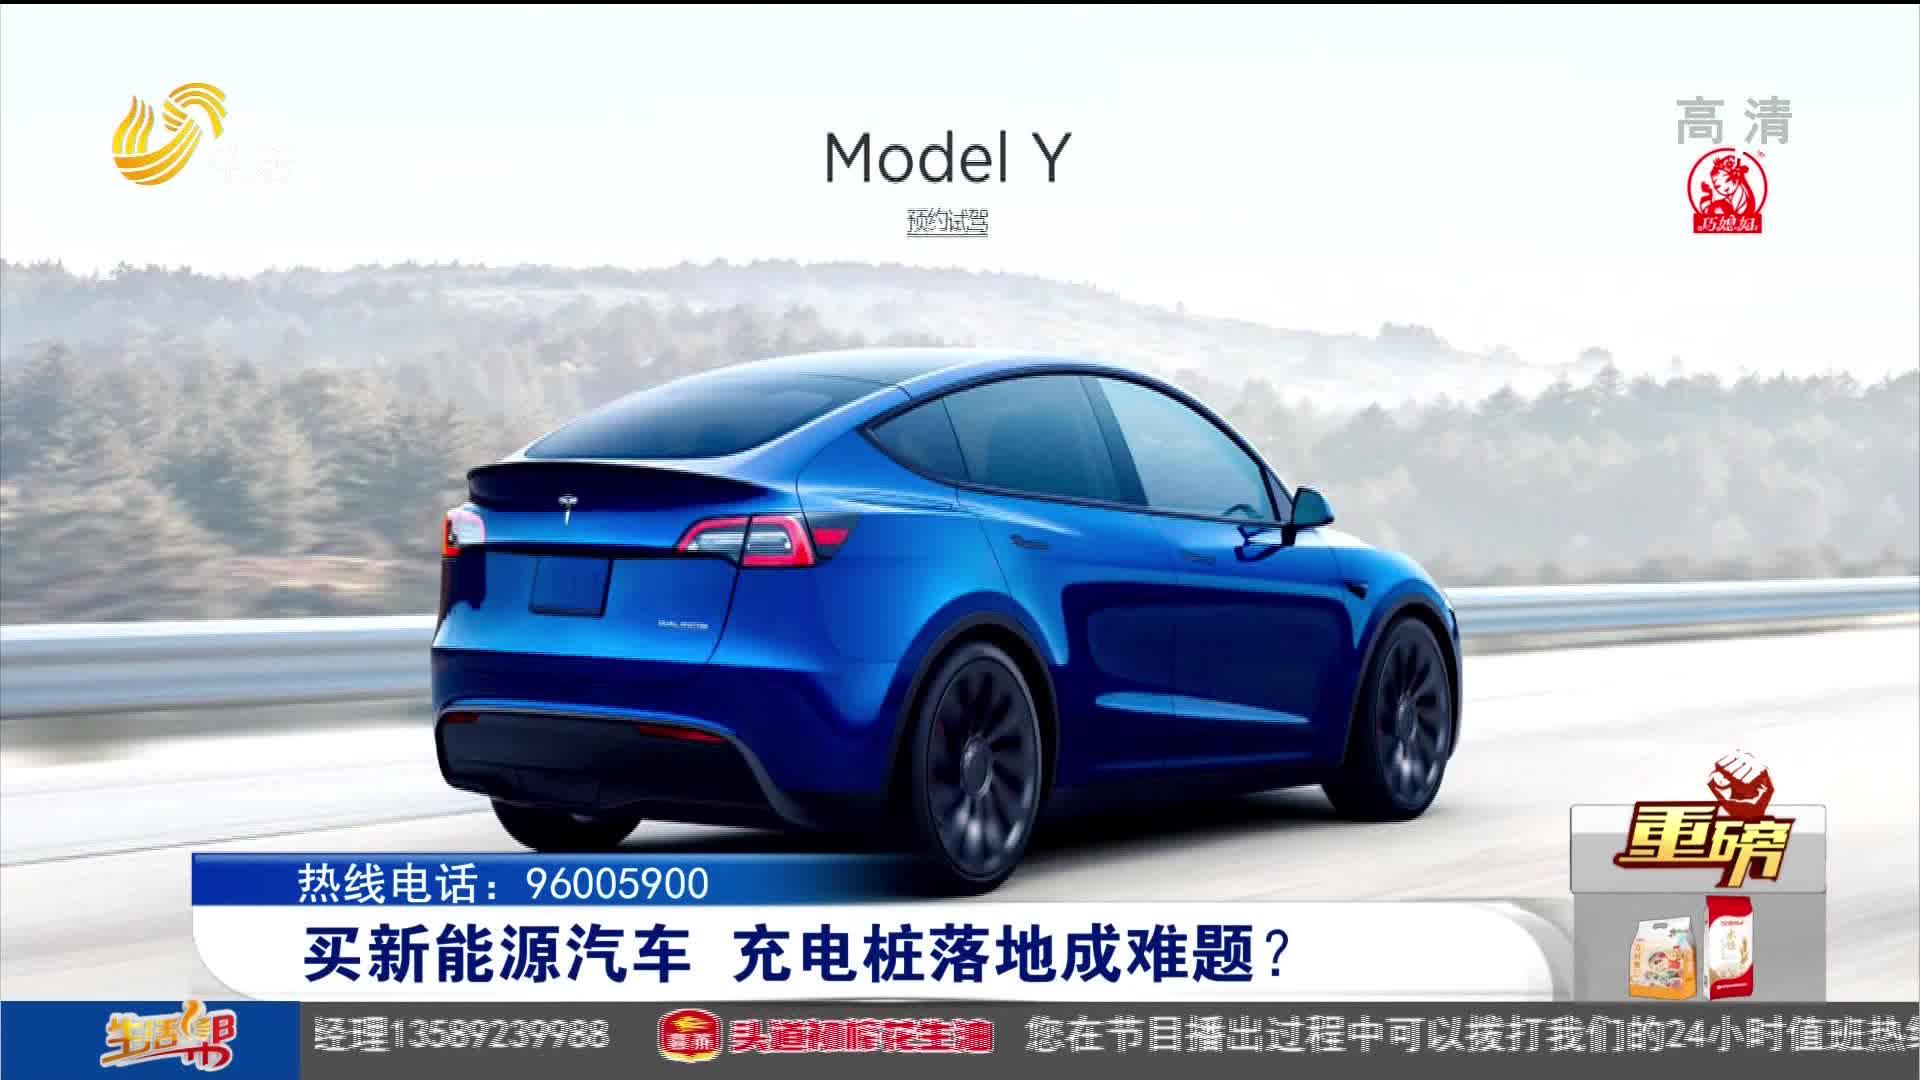 【重磅】买新能源汽车 充电桩落地成难题?